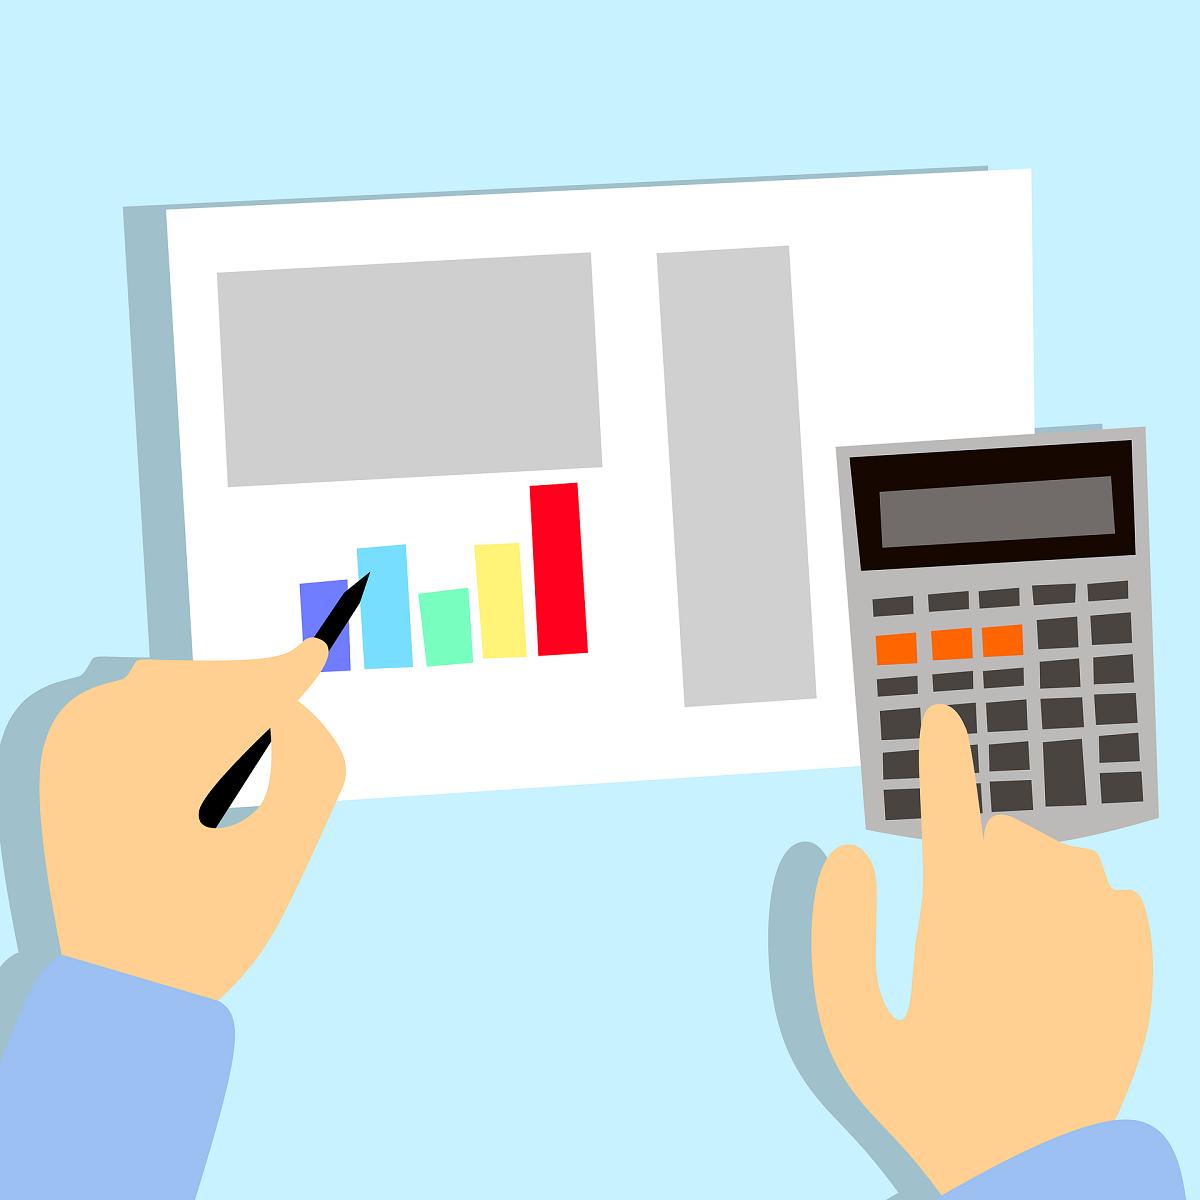 פיננסים | צילום: /pixabay